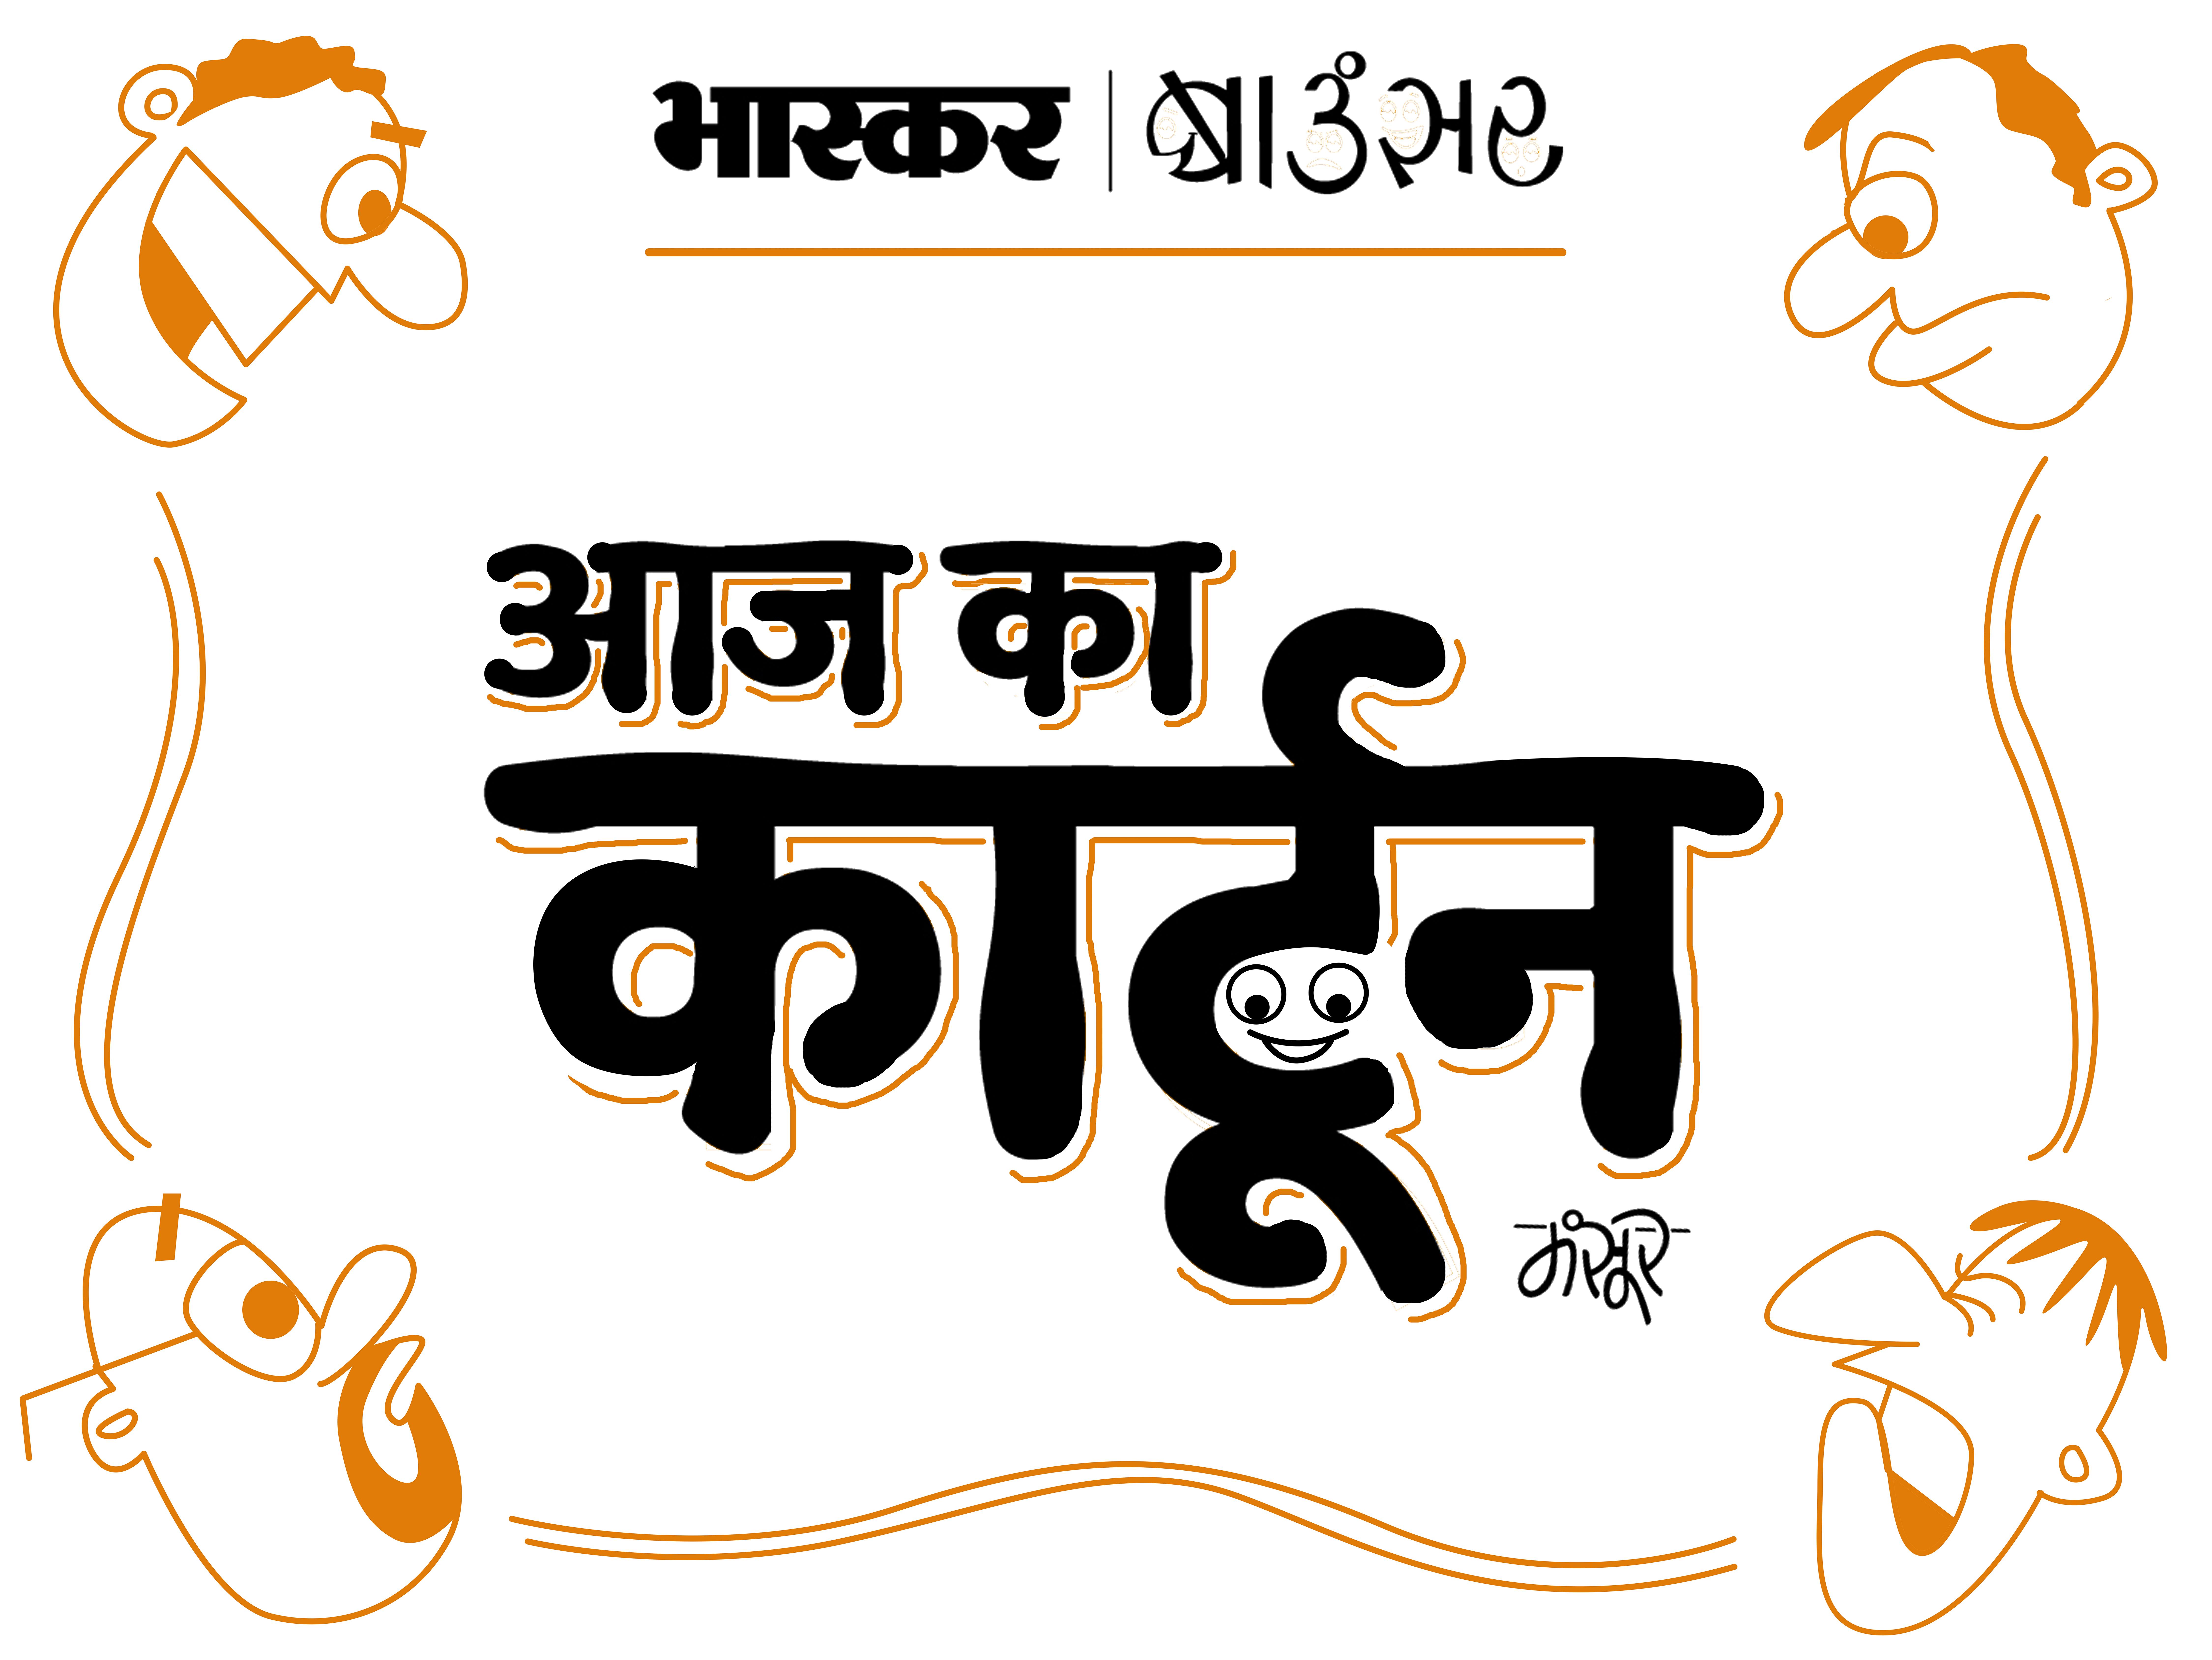 कोयले की कमी से पावर क्राइसिस का डर, जनता को अपने घर की तो मैडम को नेताजी की देश,National - Dainik Bhaskar